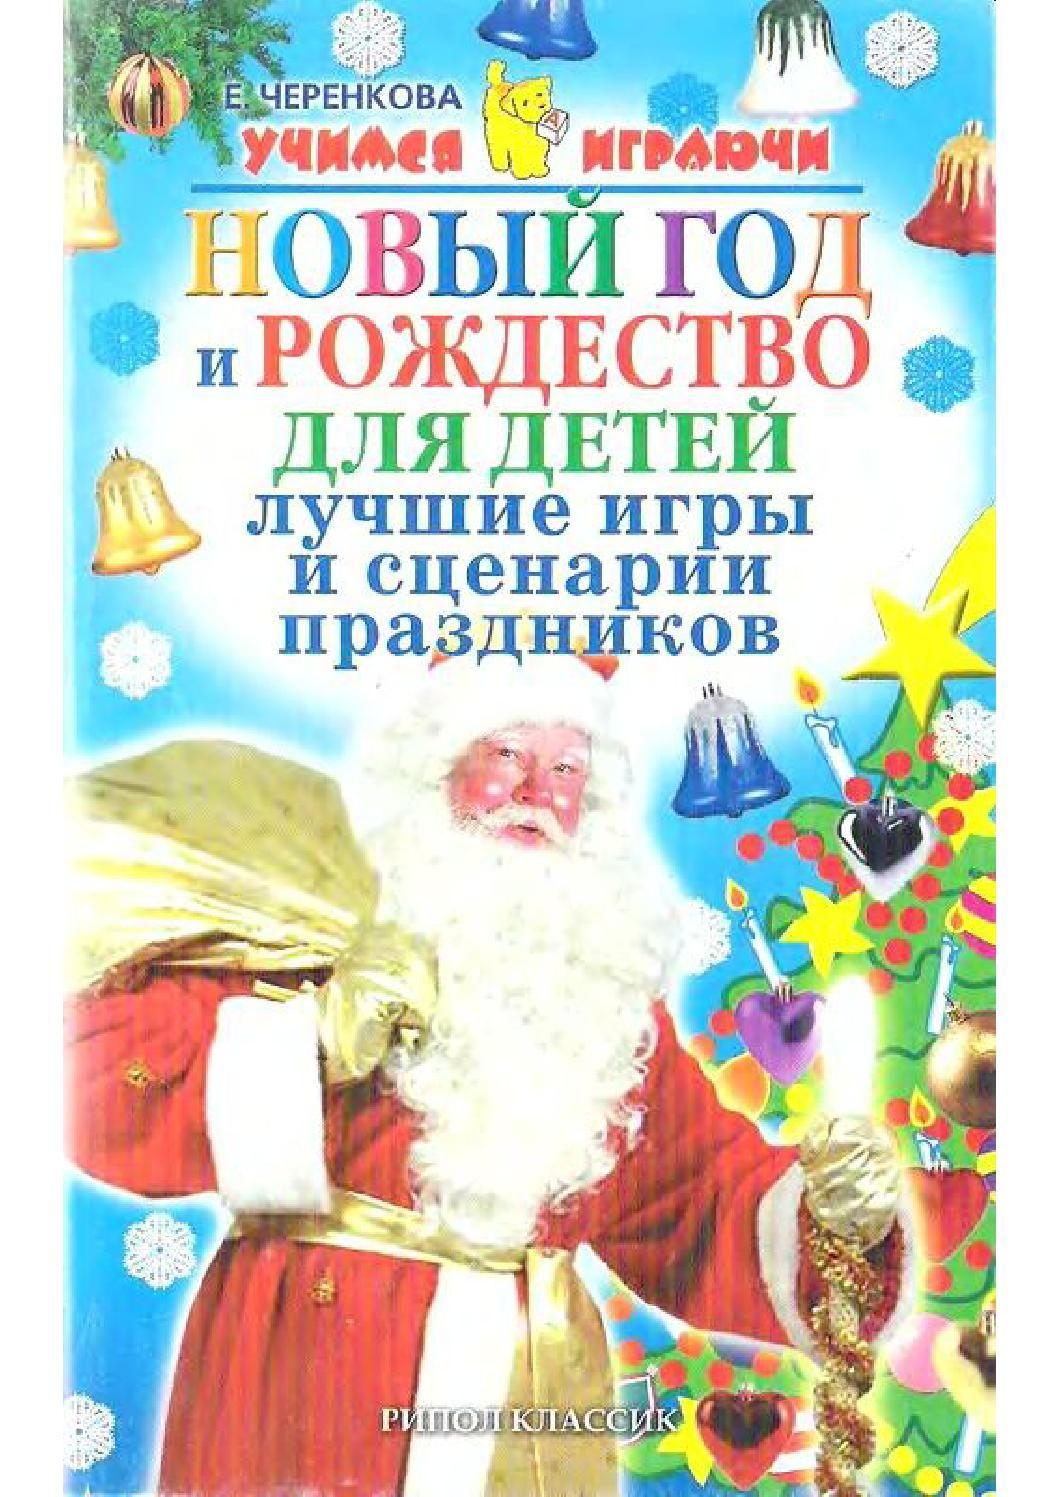 сценарий праздника рождество и новый год